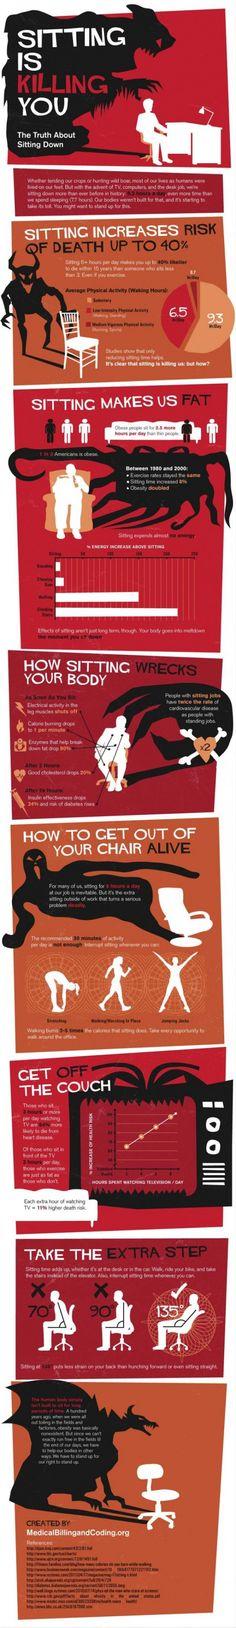 #vivapositivamente @movebla mostra infografico sobre os problemas de ficar muito tempo sentado. http://www.movebla.com/1704/infografico-ficar-sentado-demais-pode-afetar-sua-saude